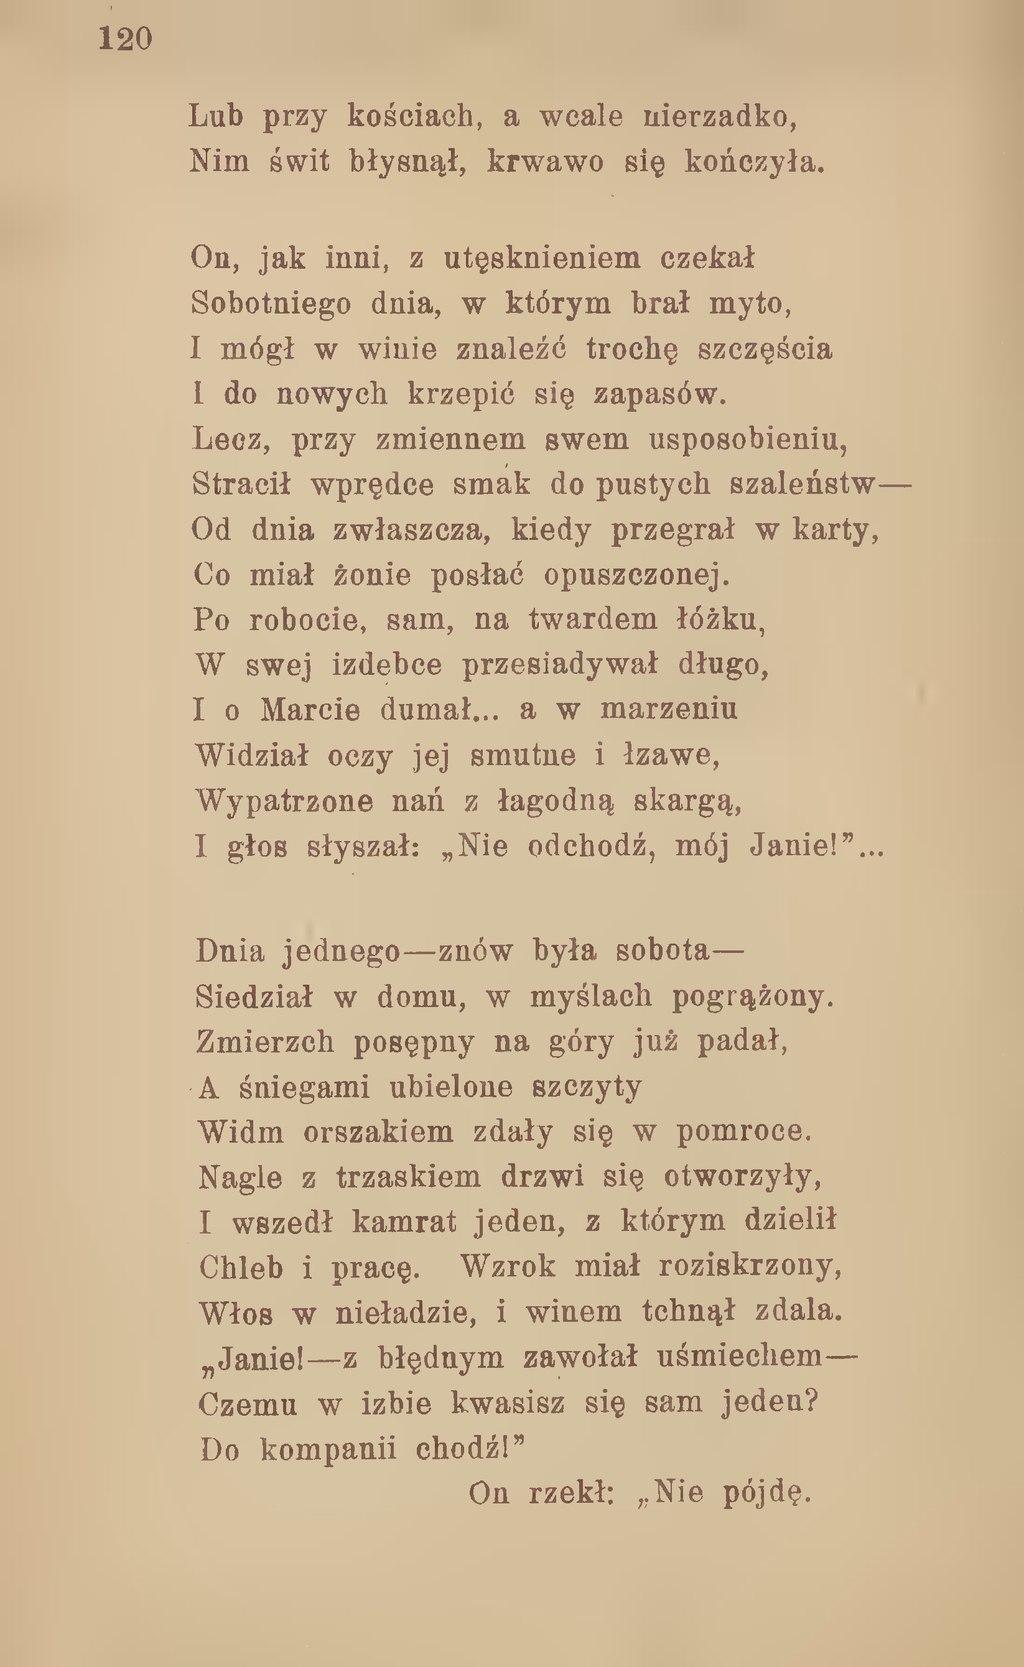 Stronagomulickiego Wiktora Wiersze Zbiór Nowydjvu123